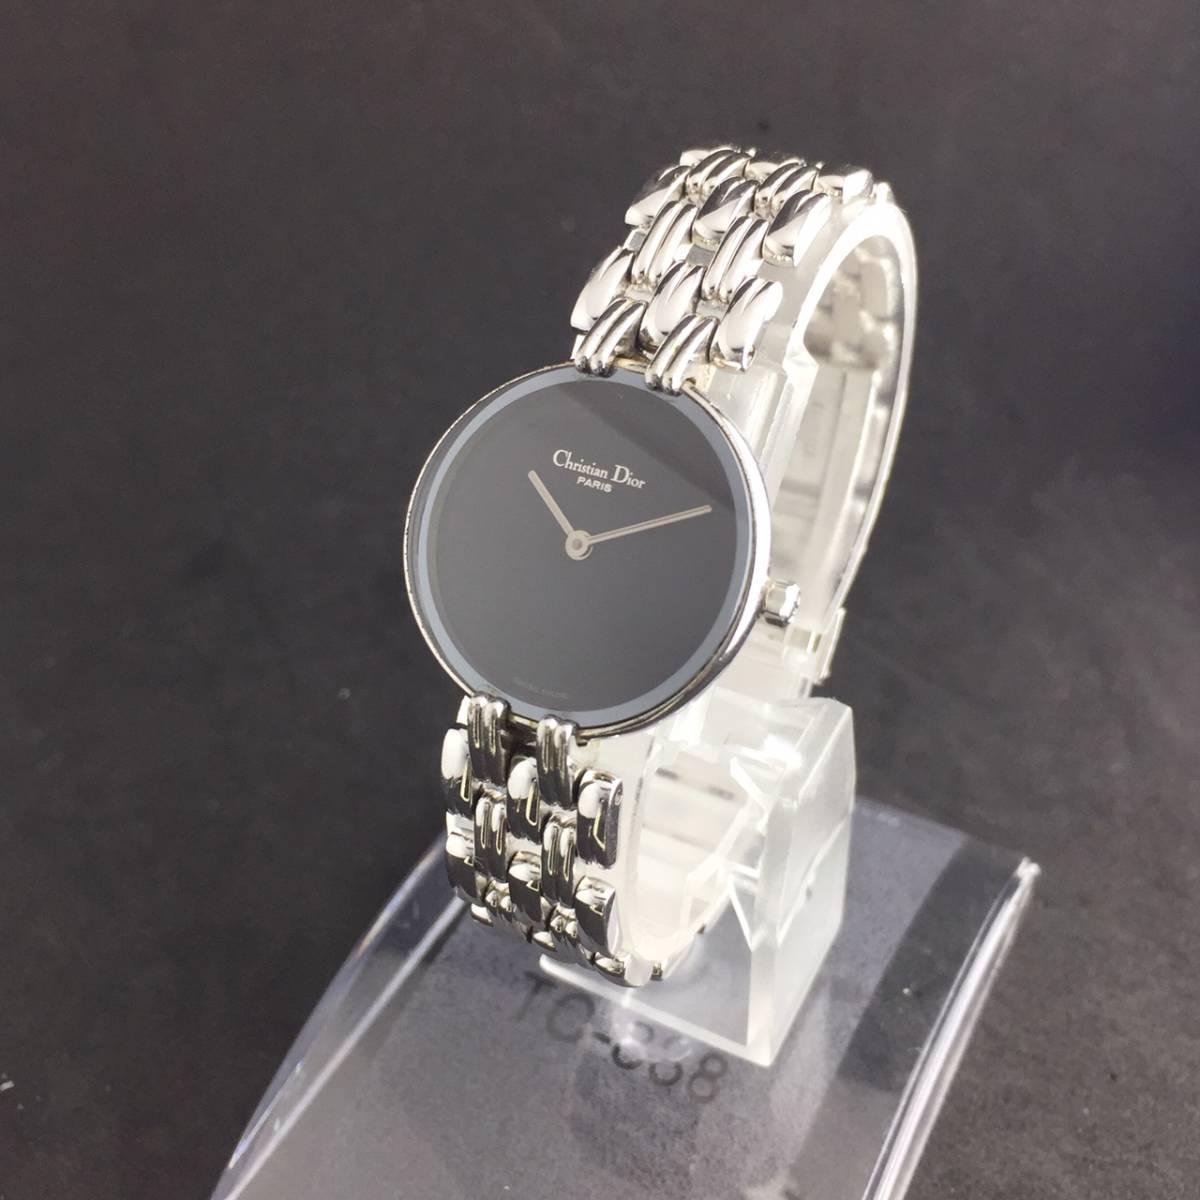 【1円~】Christian Dior クリスチャン ディオール 腕時計 レディース D44-120 Bagheera バギラ 可動品_画像4